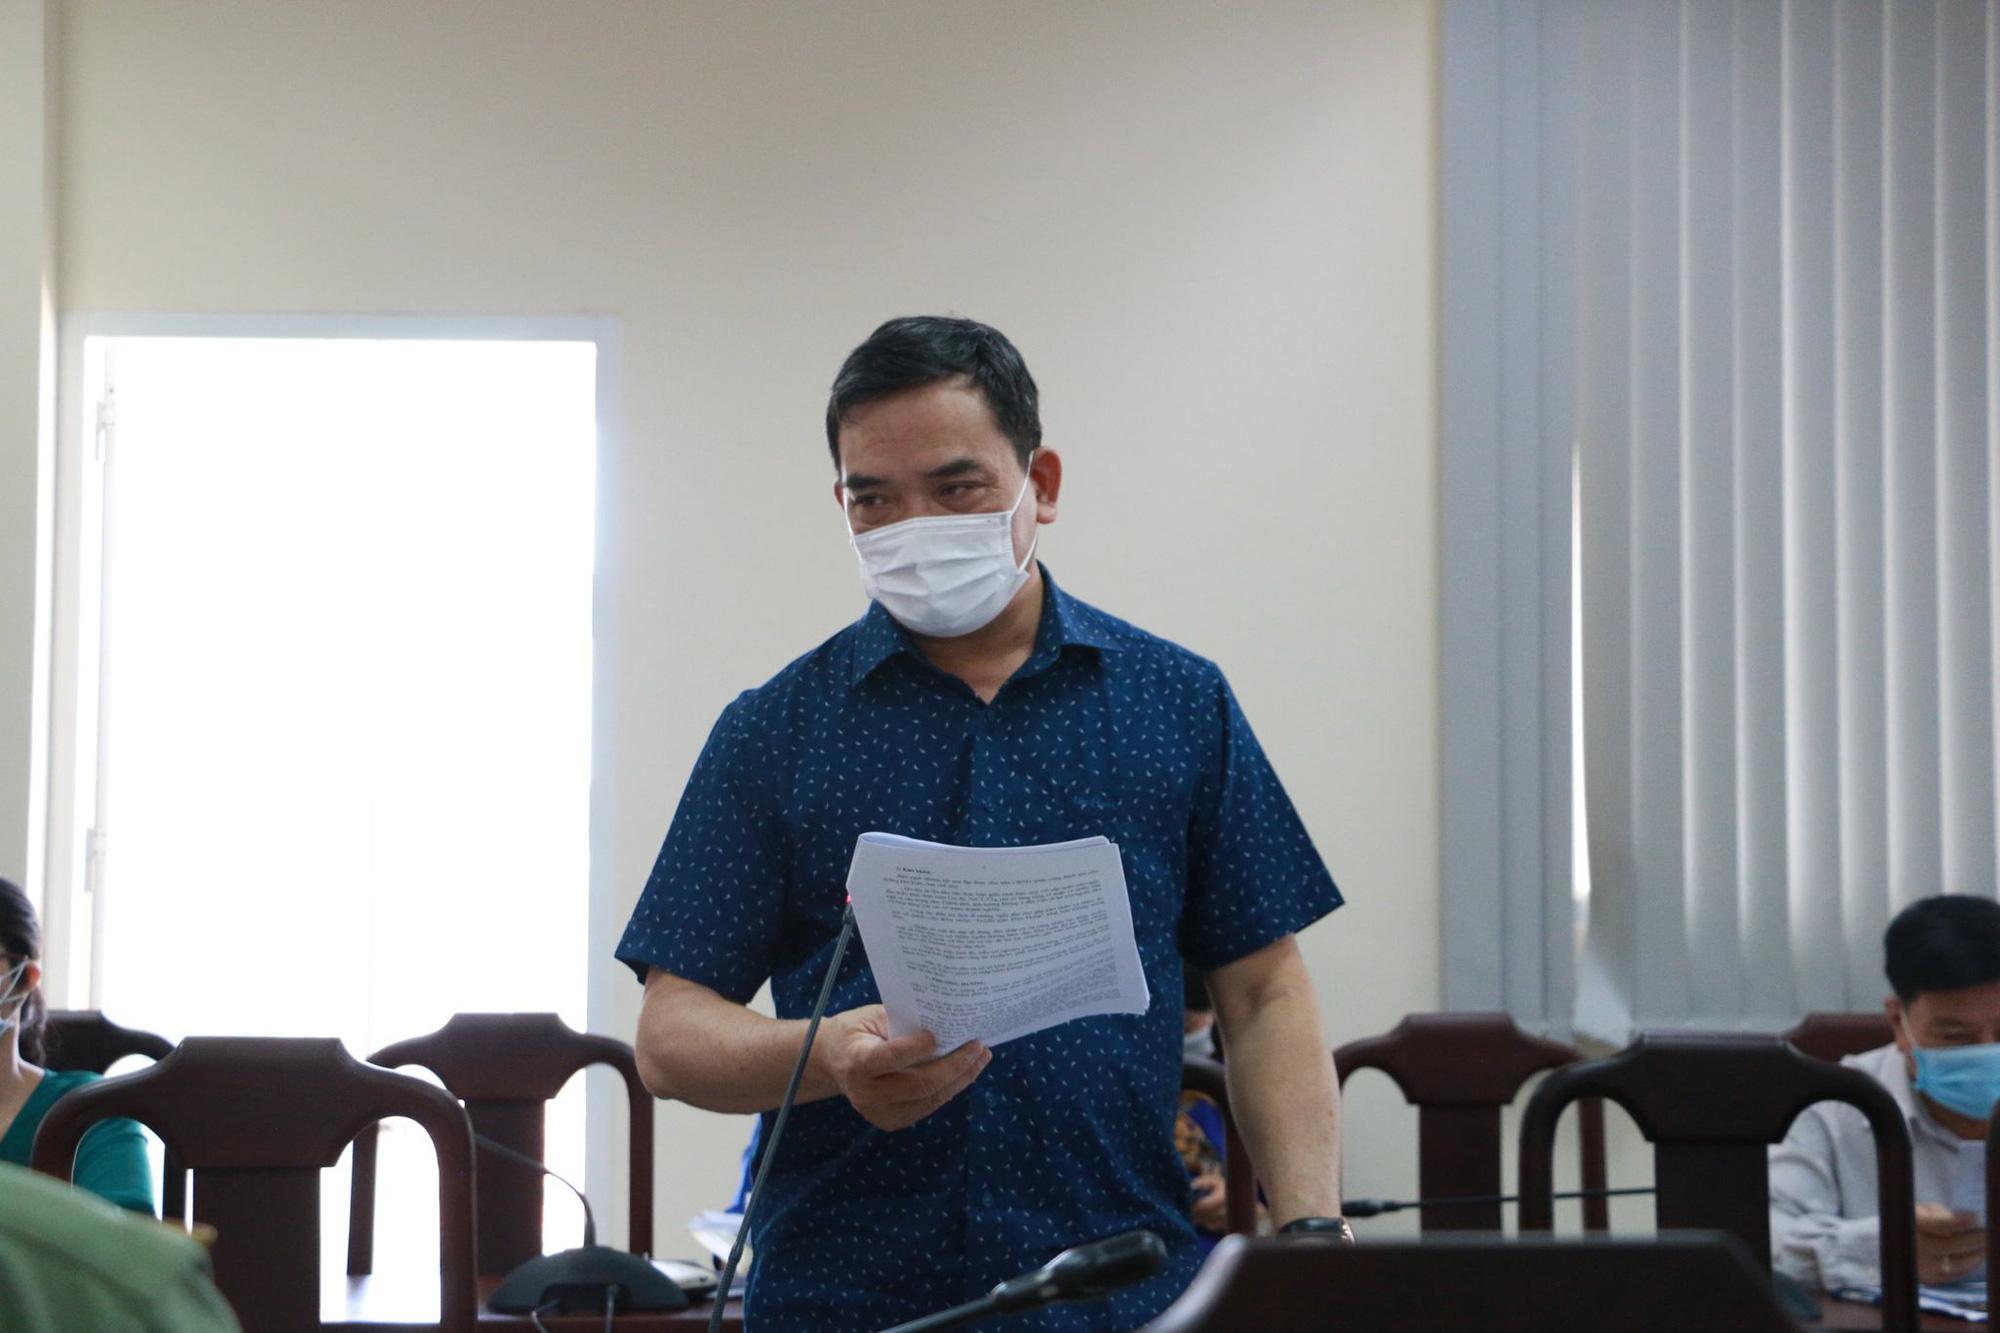 Dịch COVID-19 tại TP HCM: Quận Gò Vấp đề xuất bỏ giãn cách theo Chỉ thị 16 - Ảnh 1.